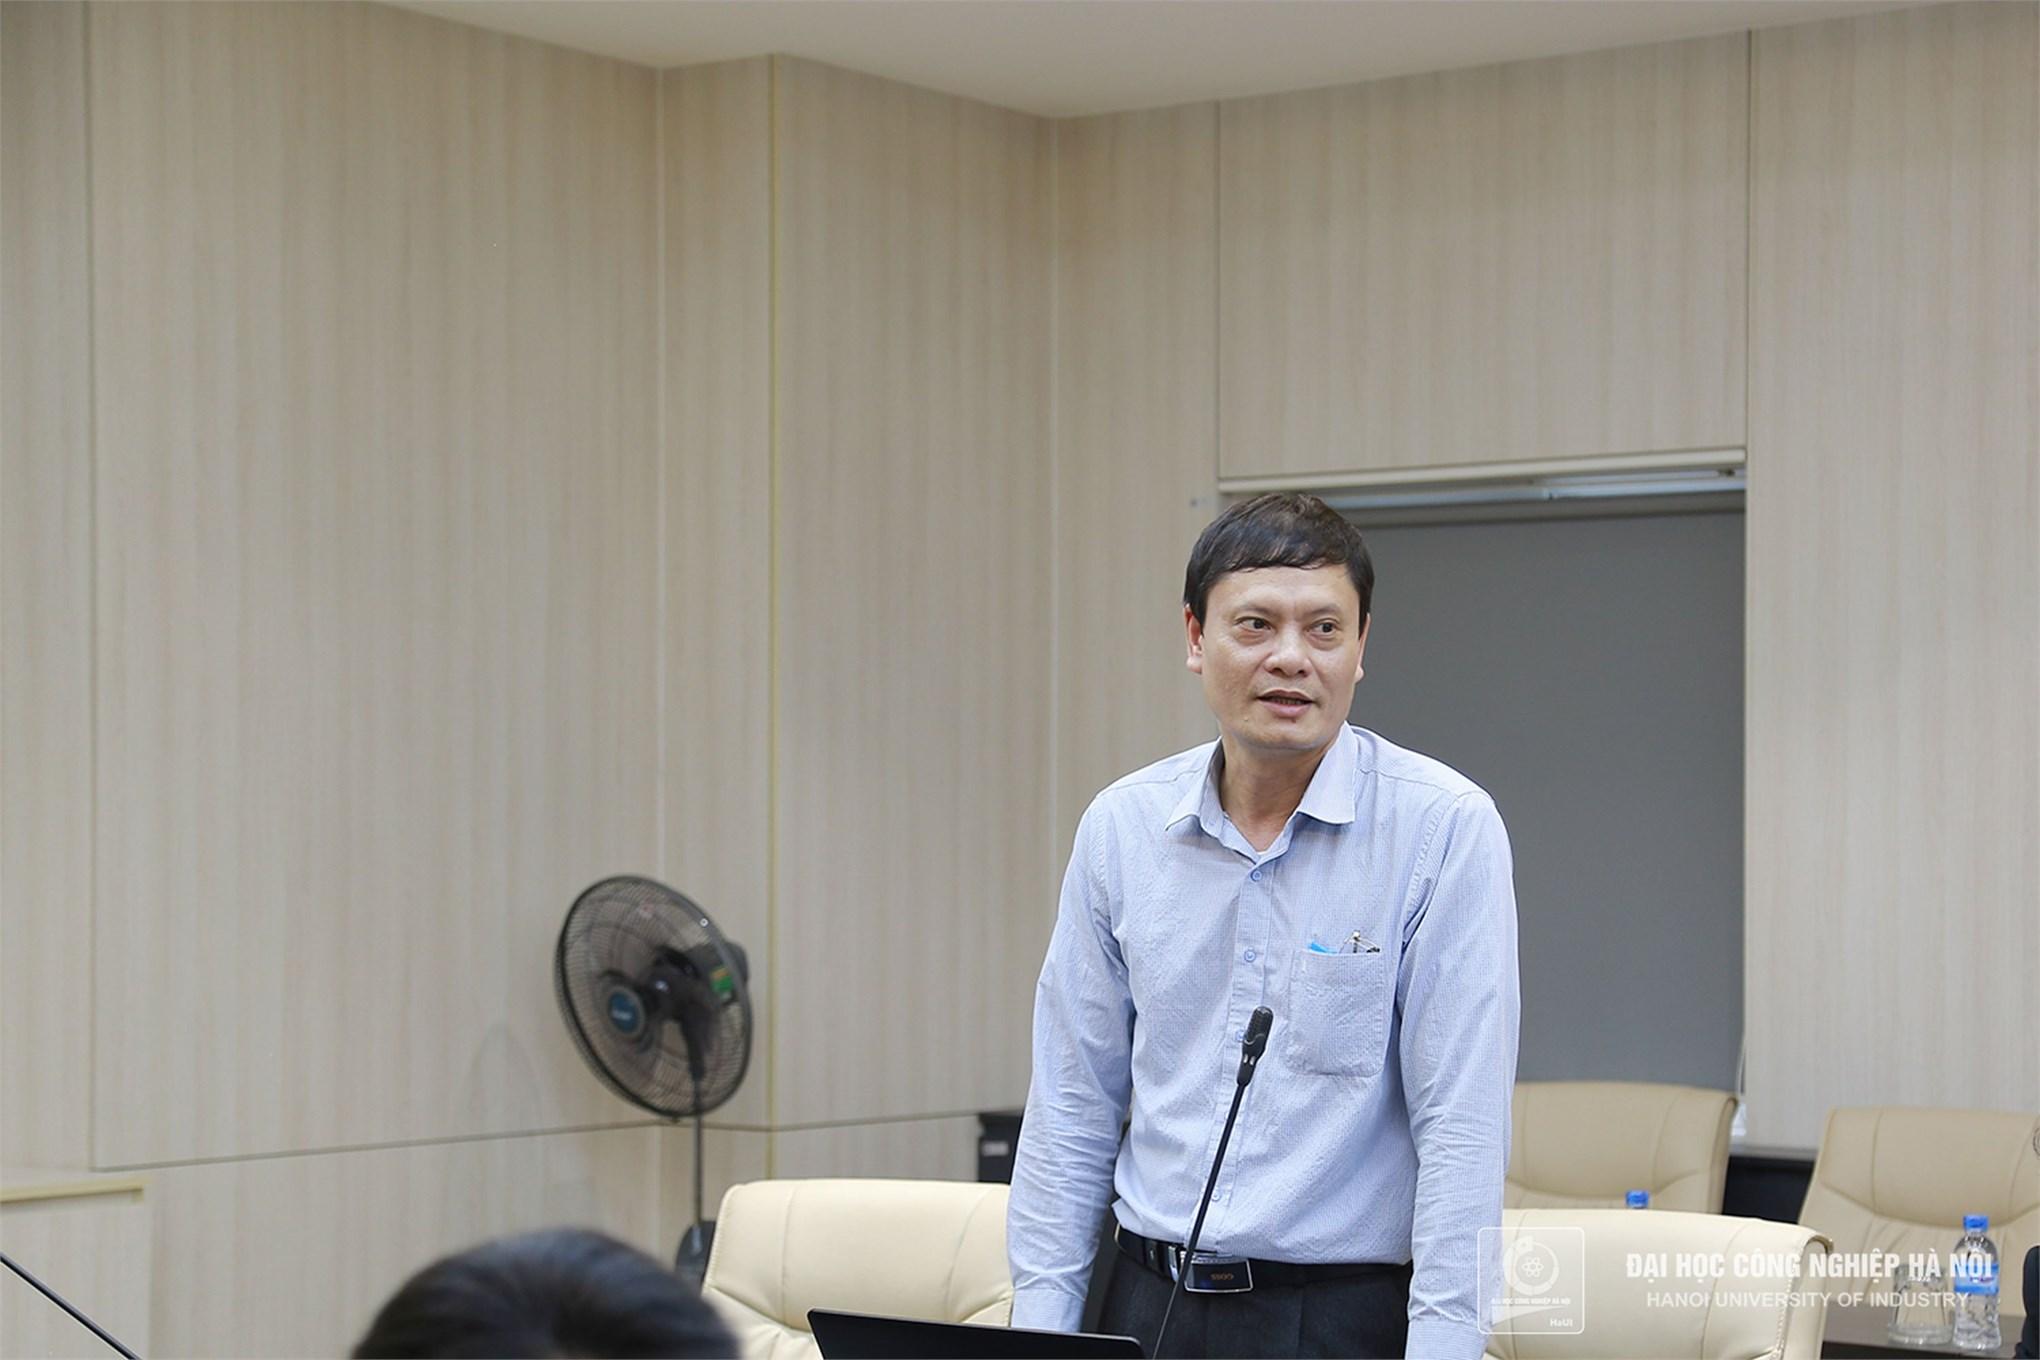 Hội thảo khoa học: Phương pháp bảo quản kéo dài thời hạn sử dụng một số sản phẩm bánh truyền thống làng Dòng, Phú Thọ